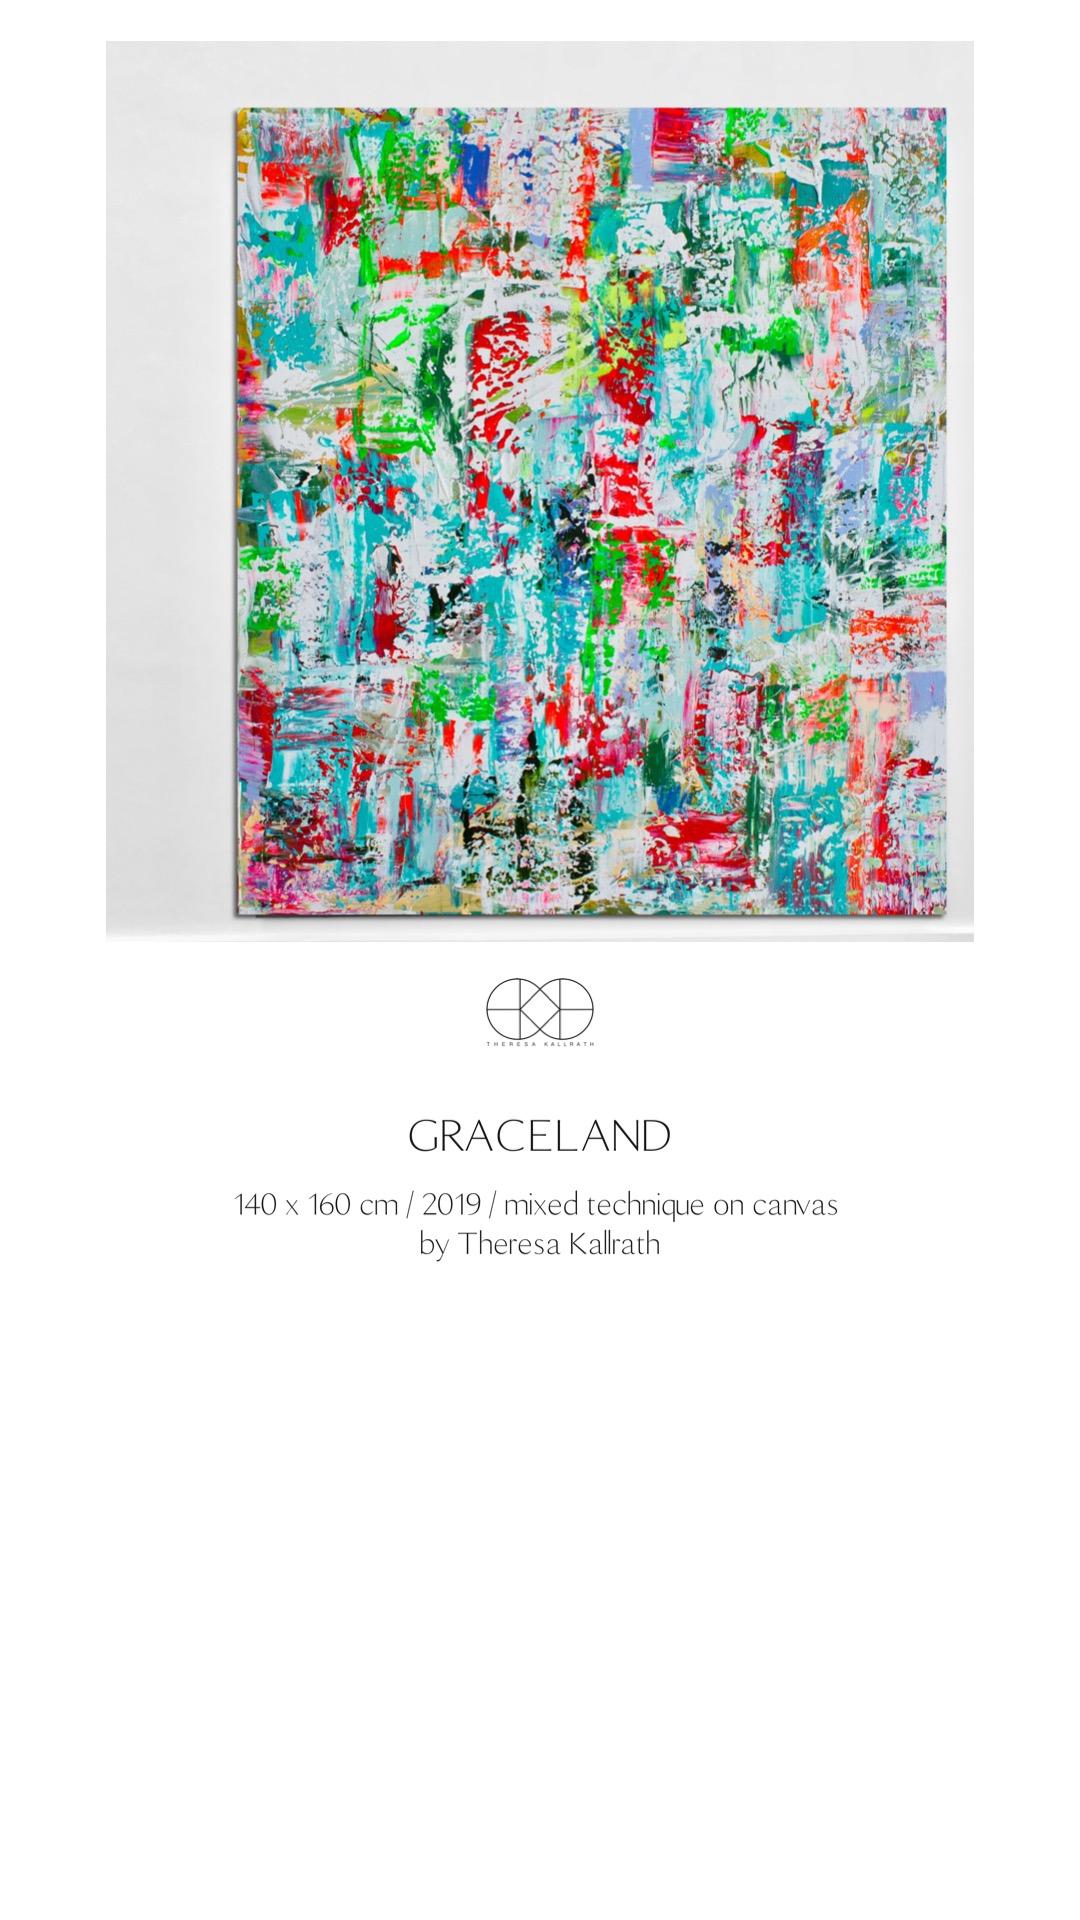 Theresa Kallrath_Graceland